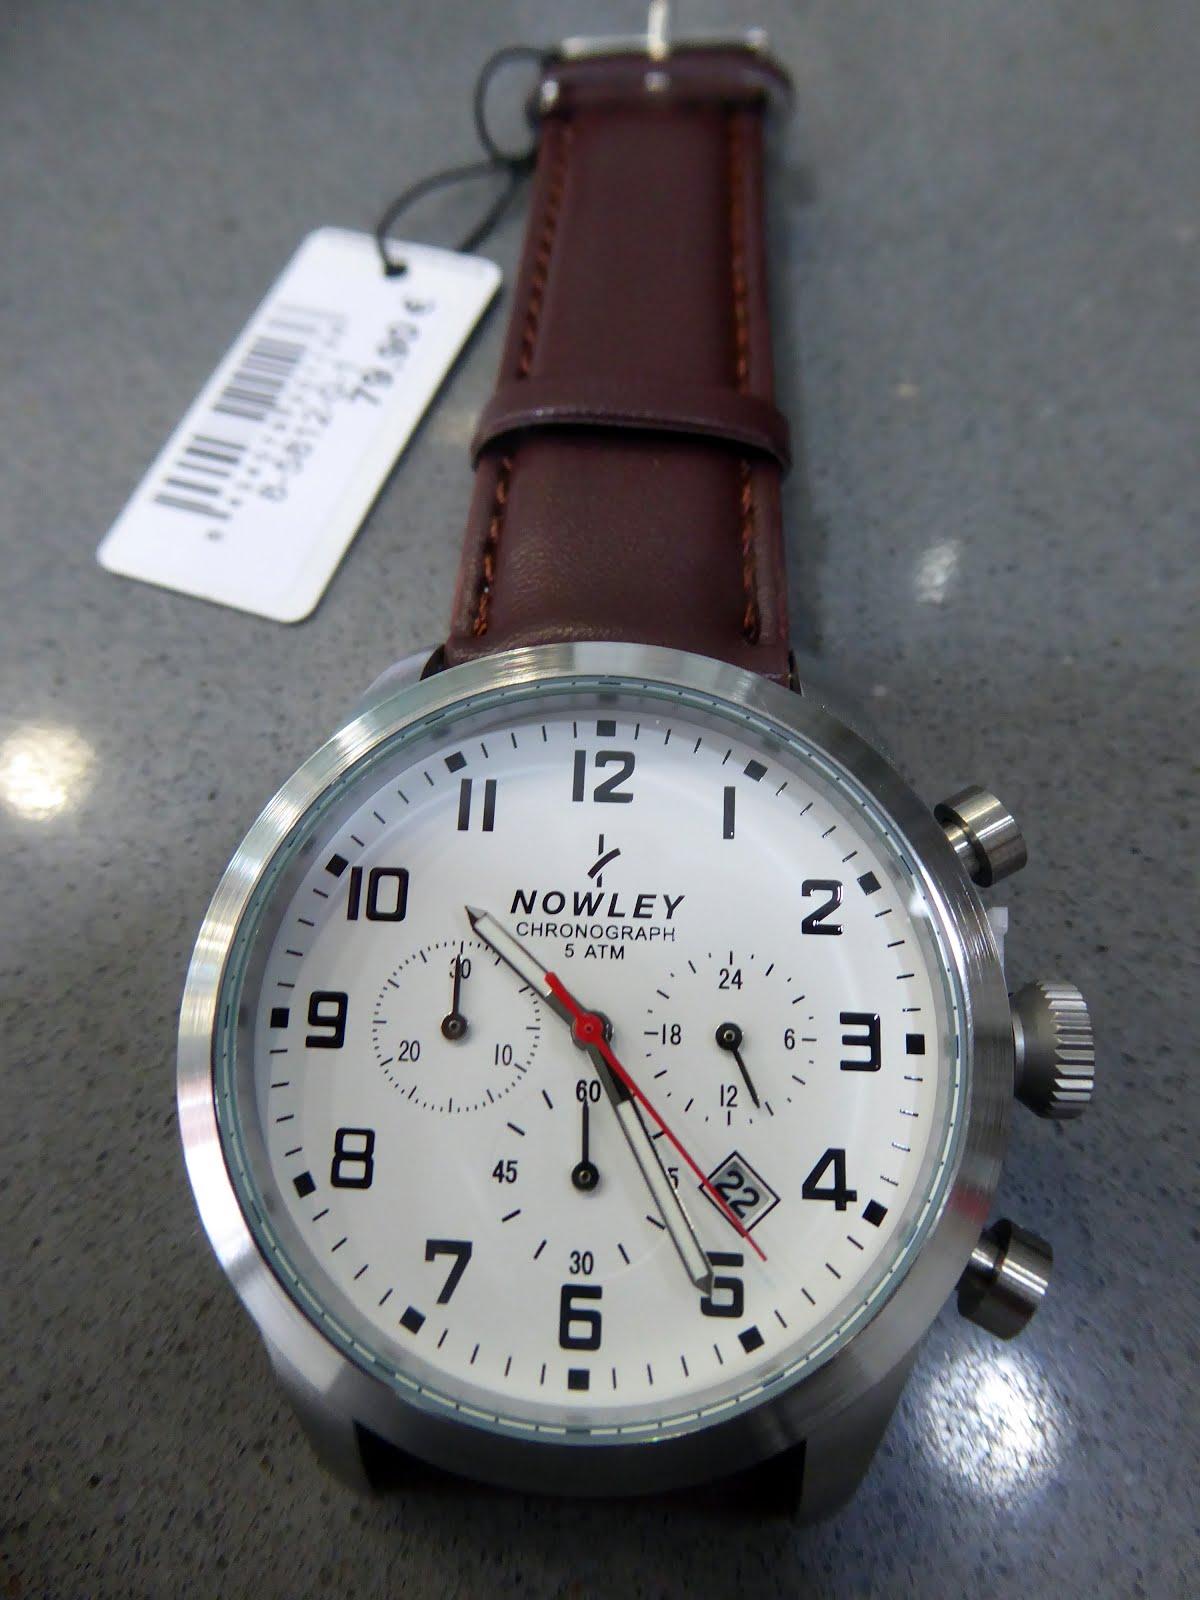 Reloj Nowley caballero multifunción, correa cuero.